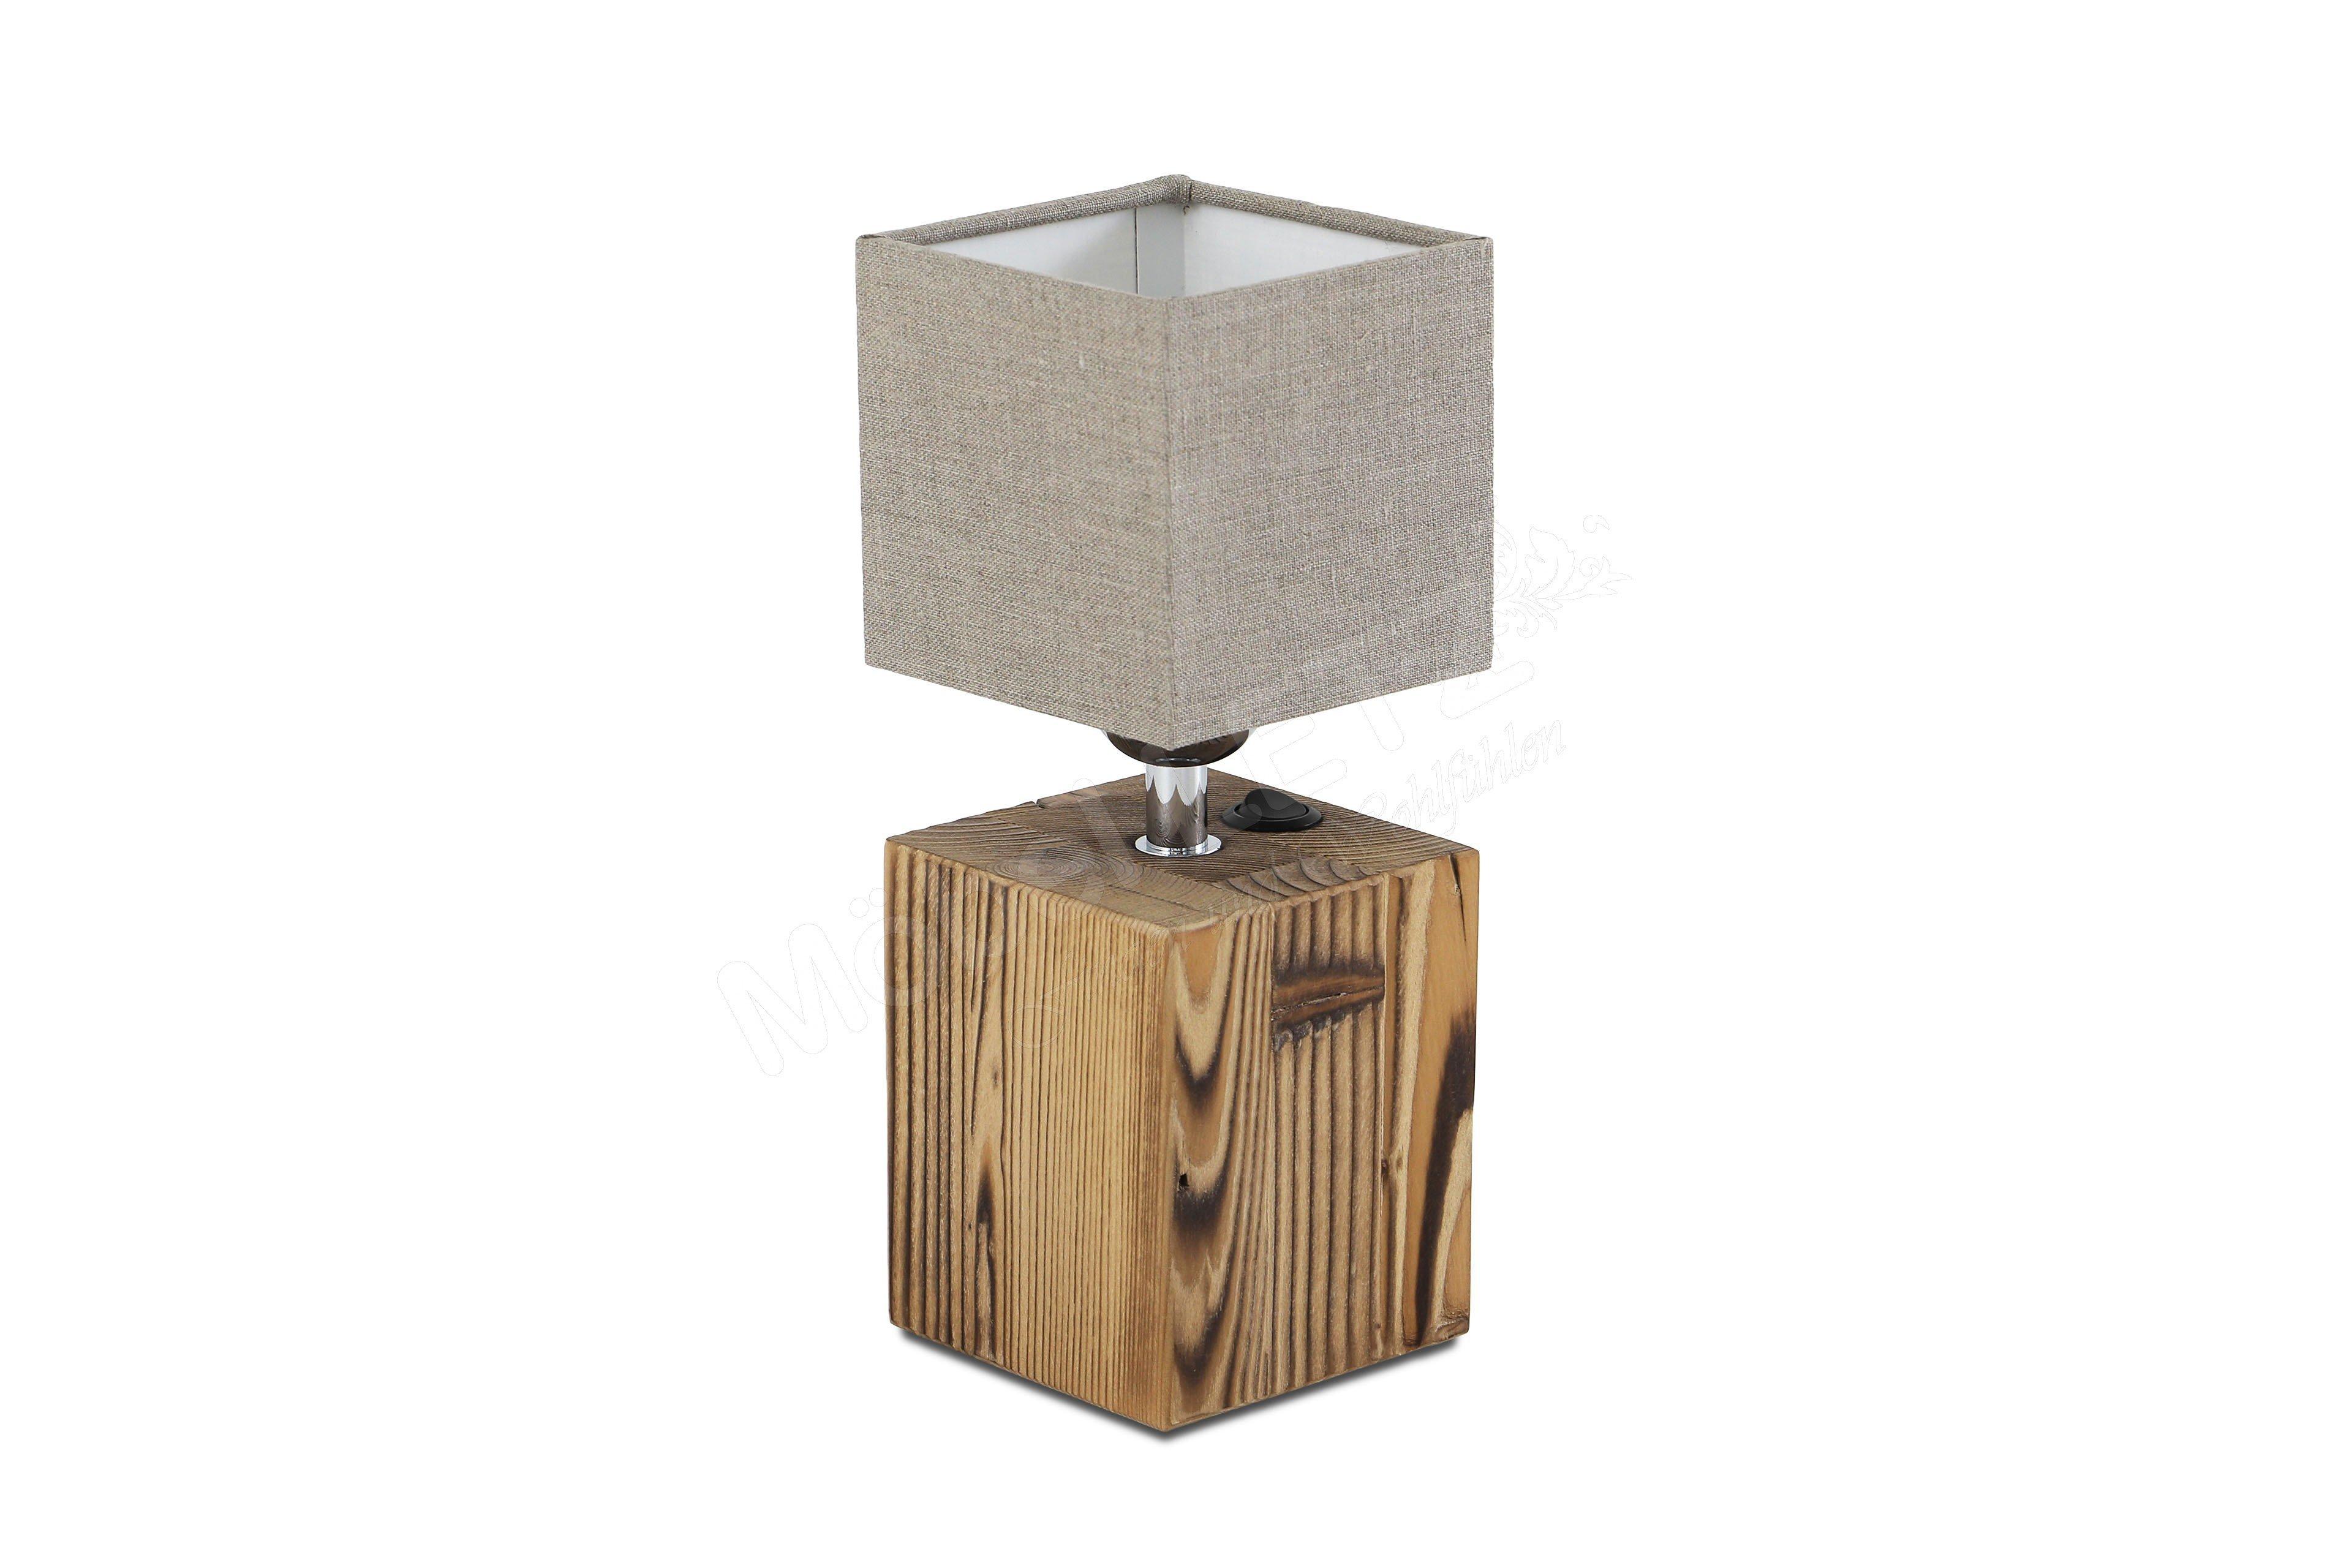 tisch lampe sprenger m bel tanne altholz m bel letz. Black Bedroom Furniture Sets. Home Design Ideas